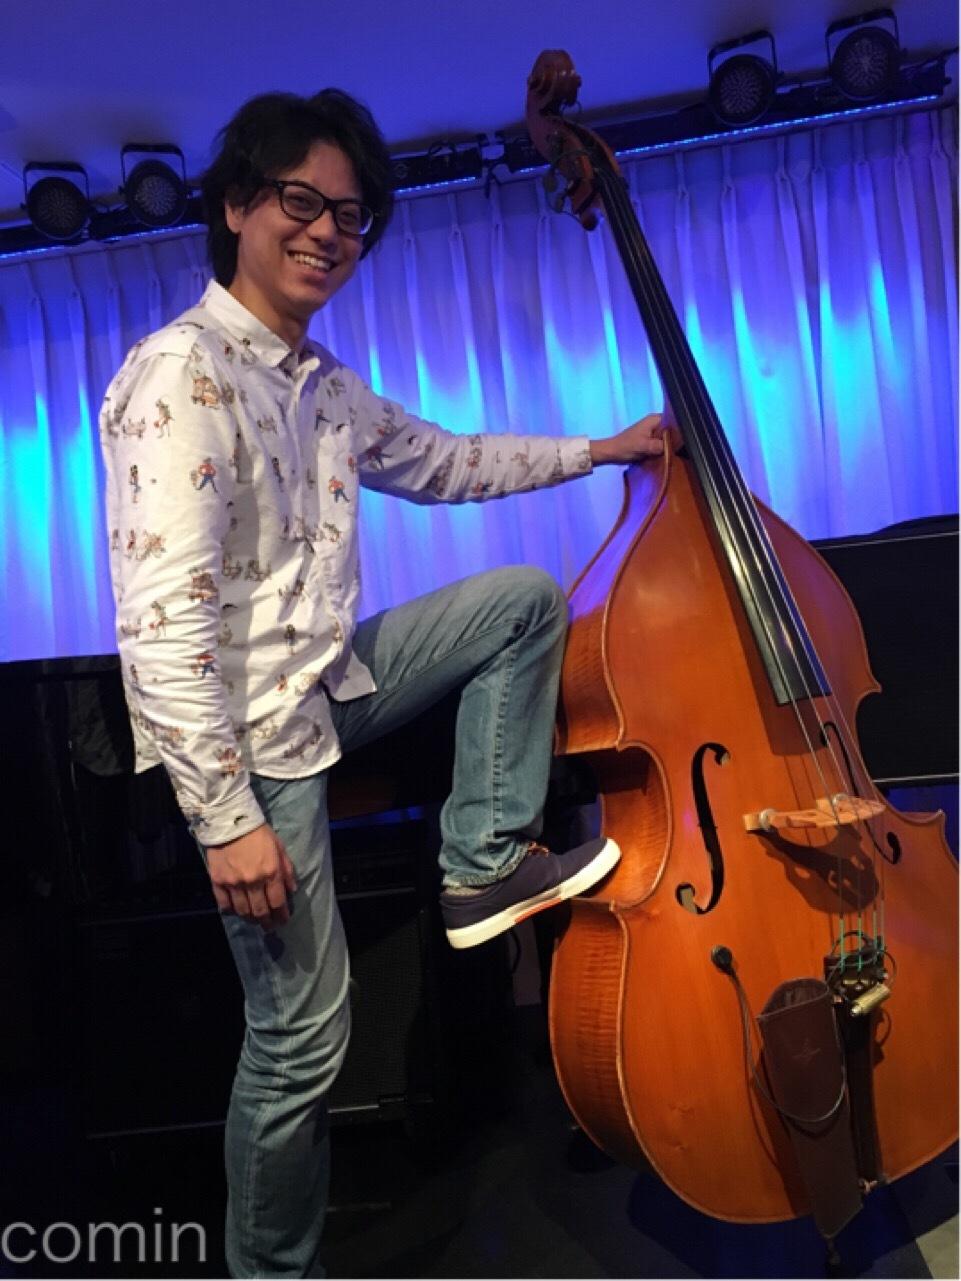 広島 Jazzlive Cominジャズライブカミン 明日8月24日月曜日からの演目_b0115606_10585147.jpeg